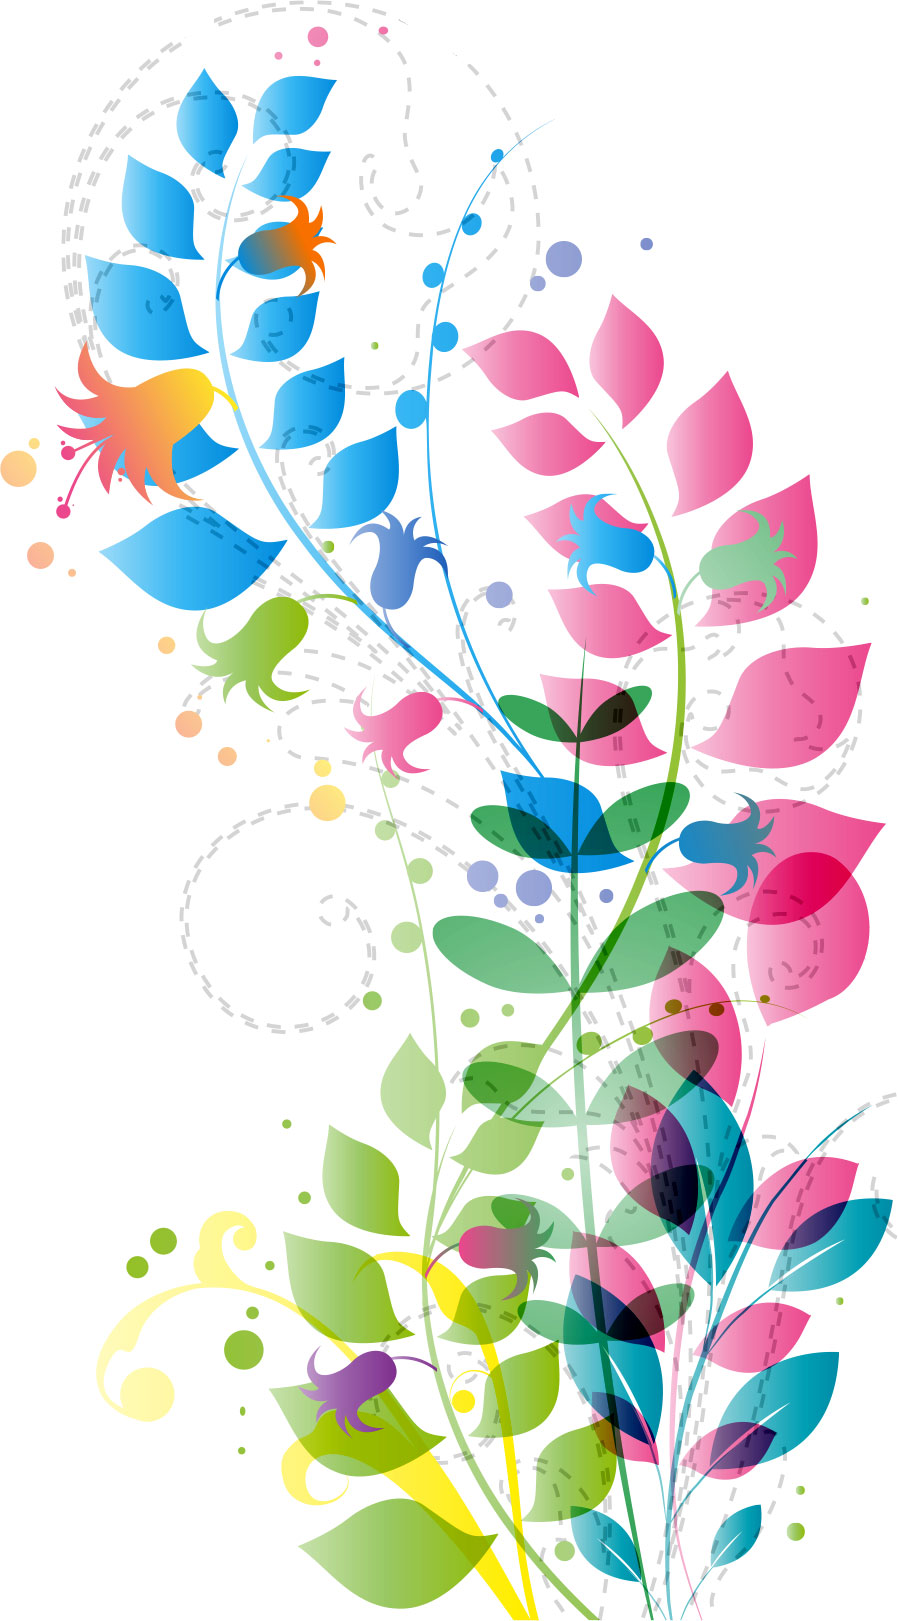 画像サンプル-カラフルな花・クール